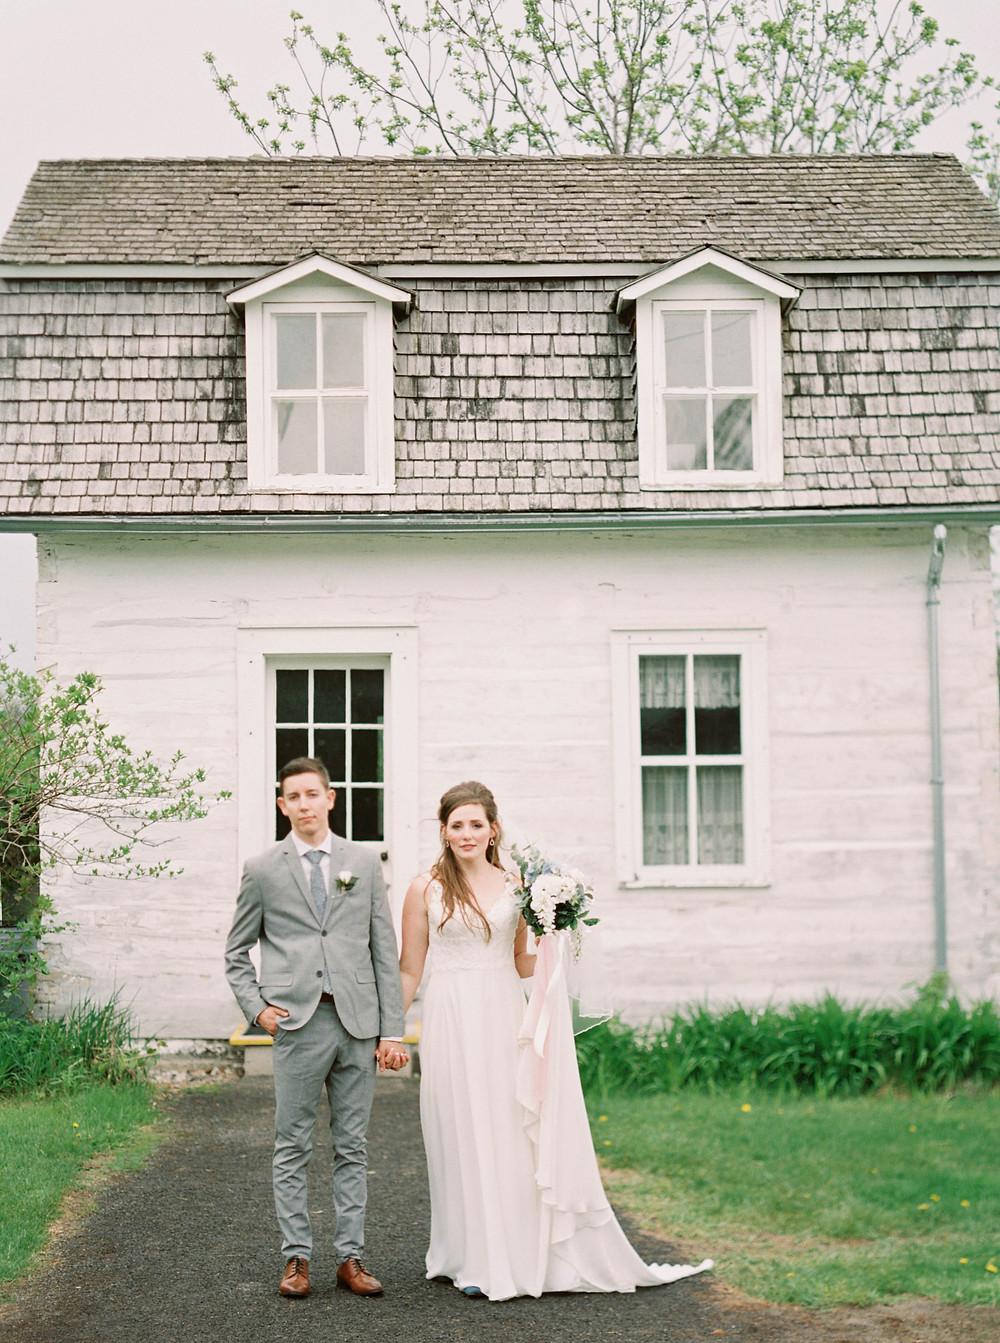 flamborough wedding photographers